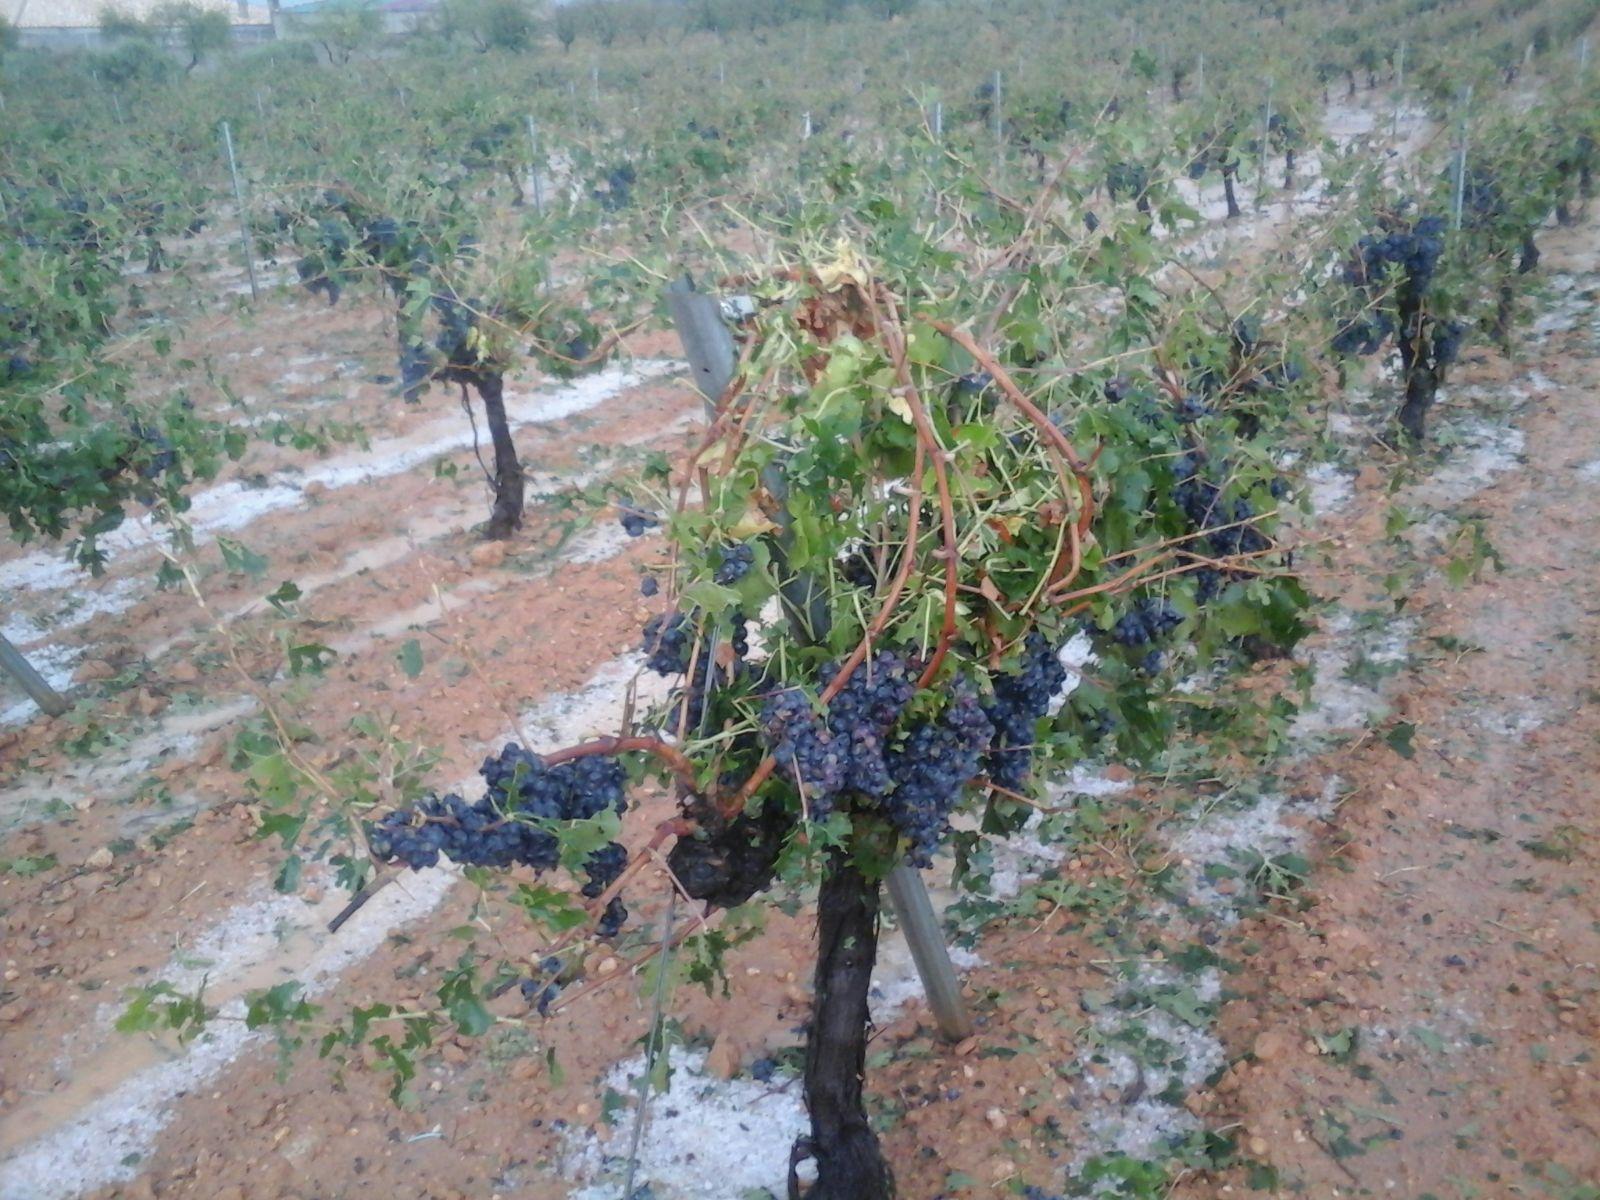 Vides afectadas por el pedrisco en la comarca de Requena-Utiel.